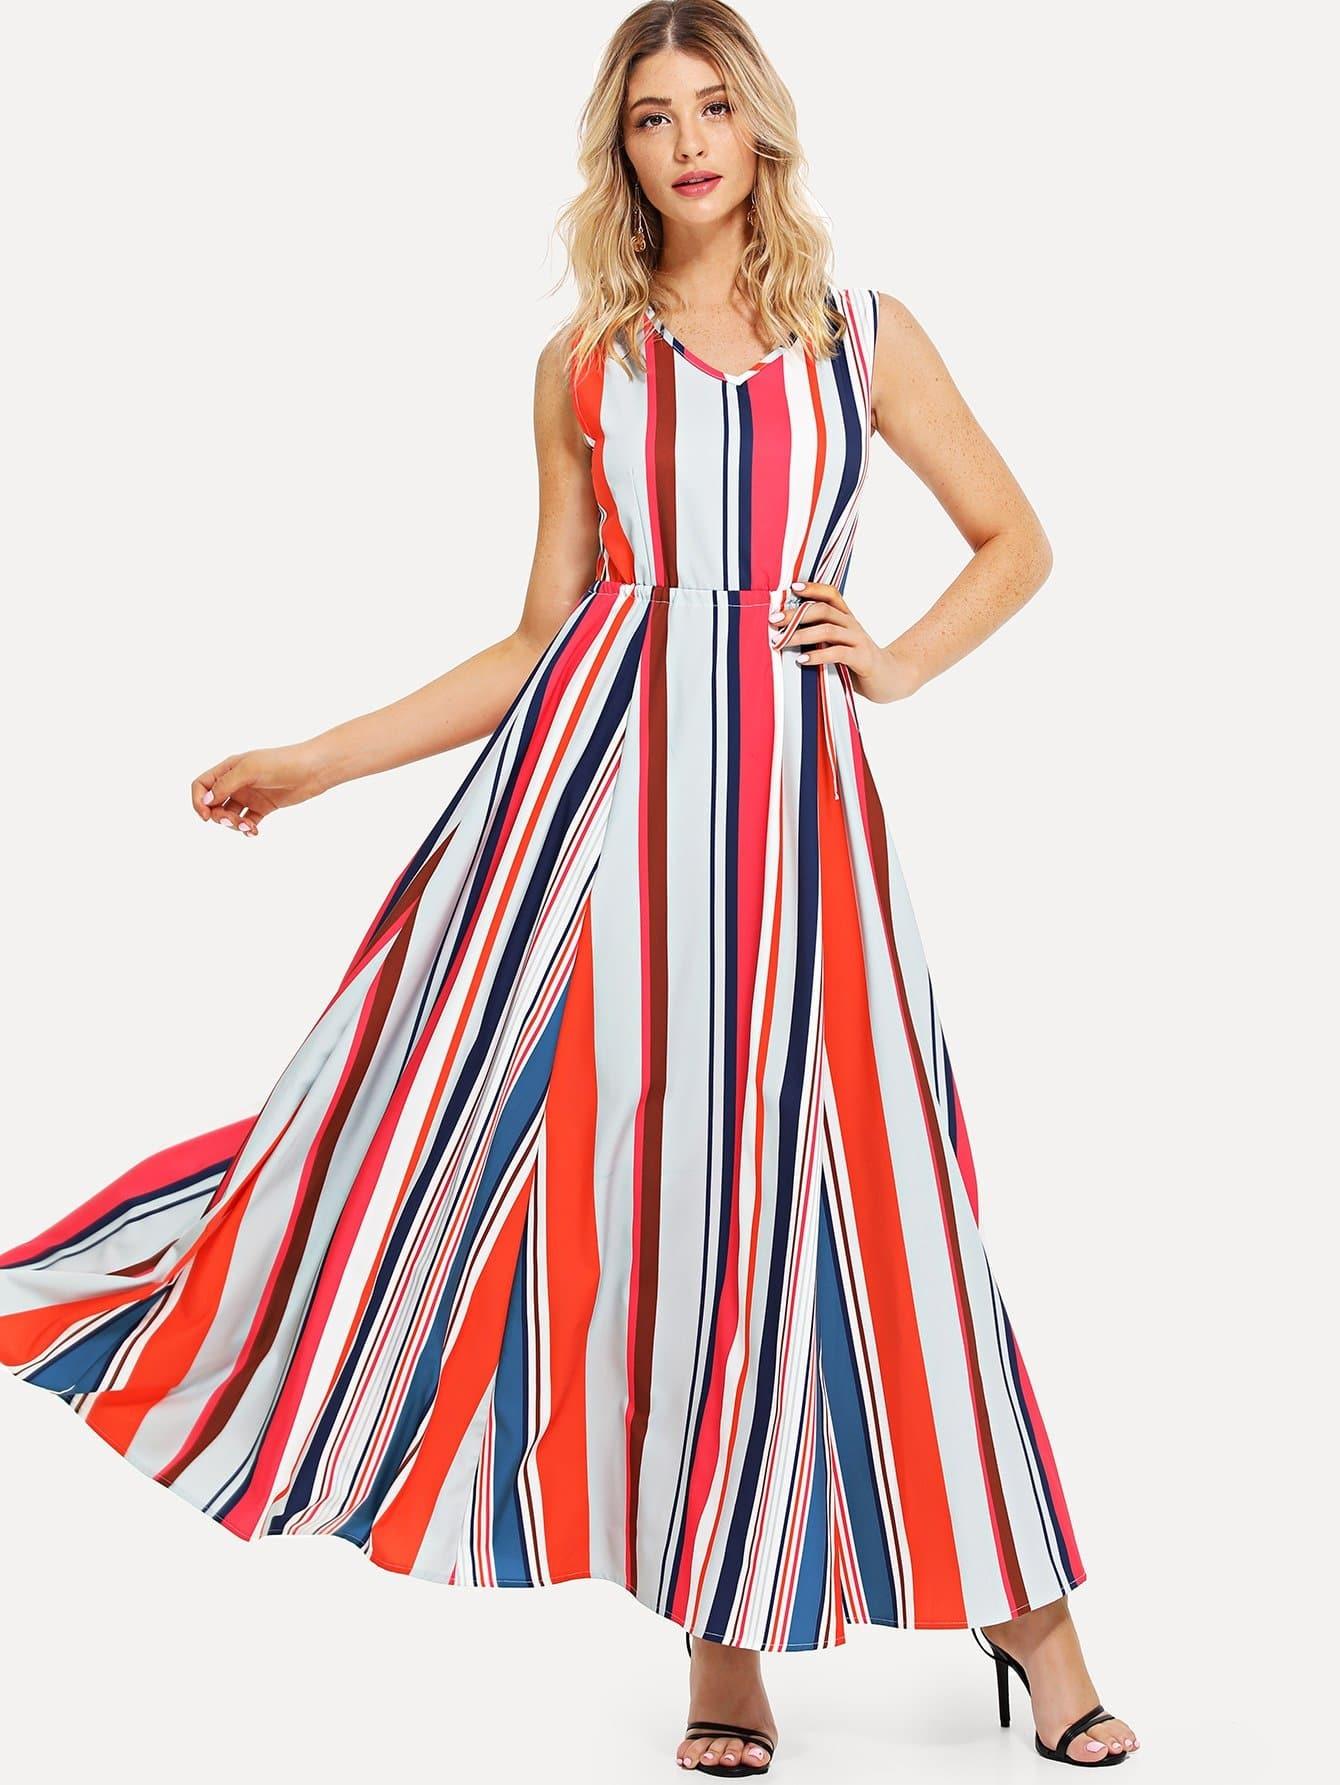 Drawstring Waist Striped Dress drawstring waist tank dress